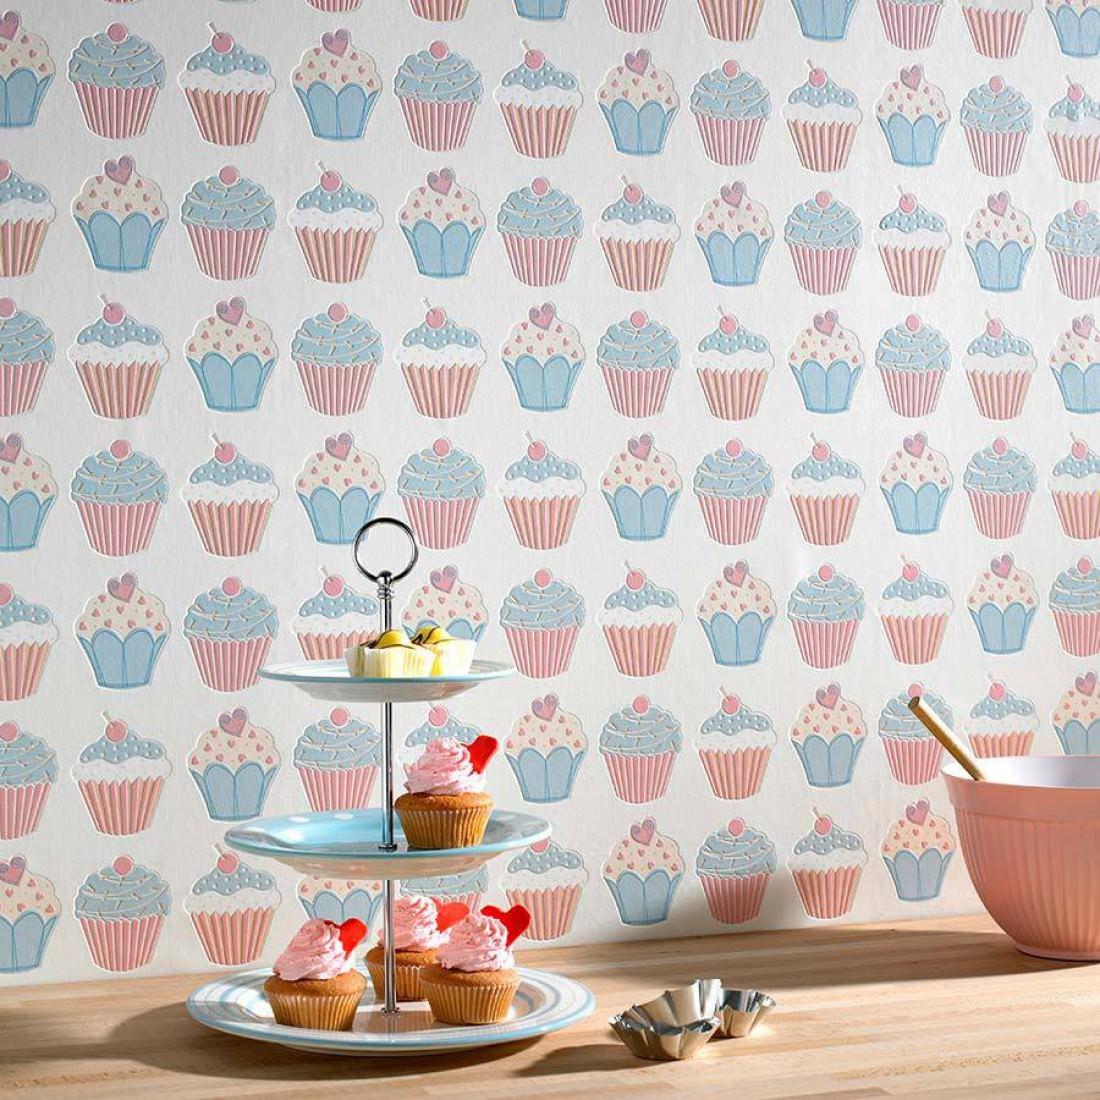 Carta da parati cupcake bianco crema blu chiaro rosa for Carta da parati anni 70